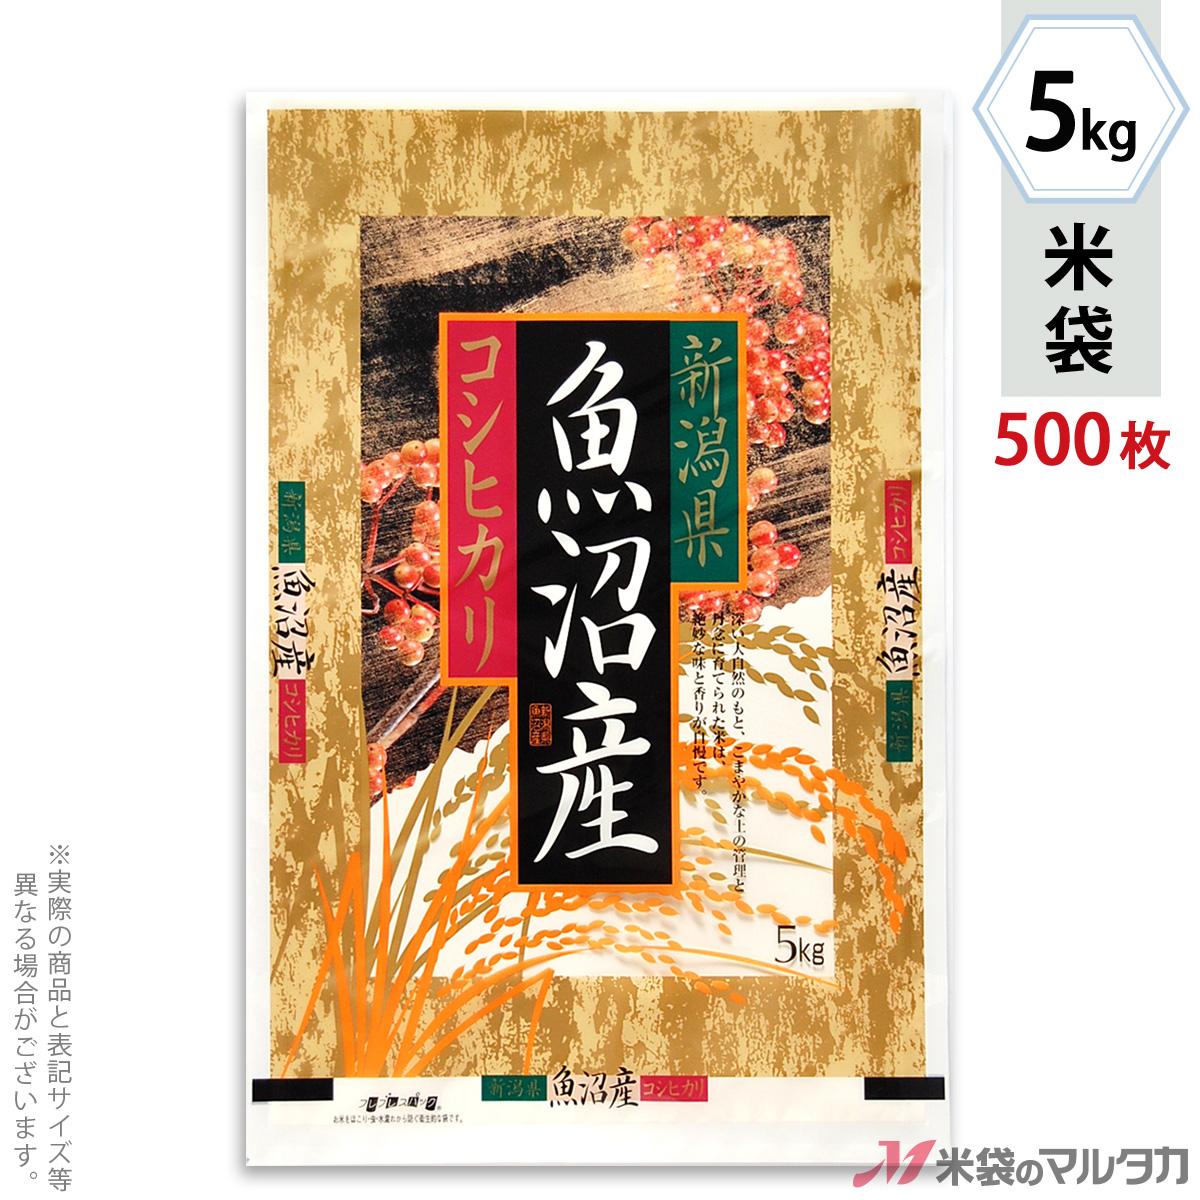 お米の安心に確かな実績 フレブレスパック 5kg用 米袋 ラミ フレブレス 5kg 万寿 500枚入 MN-5000 魚沼産コシヒカリ 1ケース 特価 お買い得品